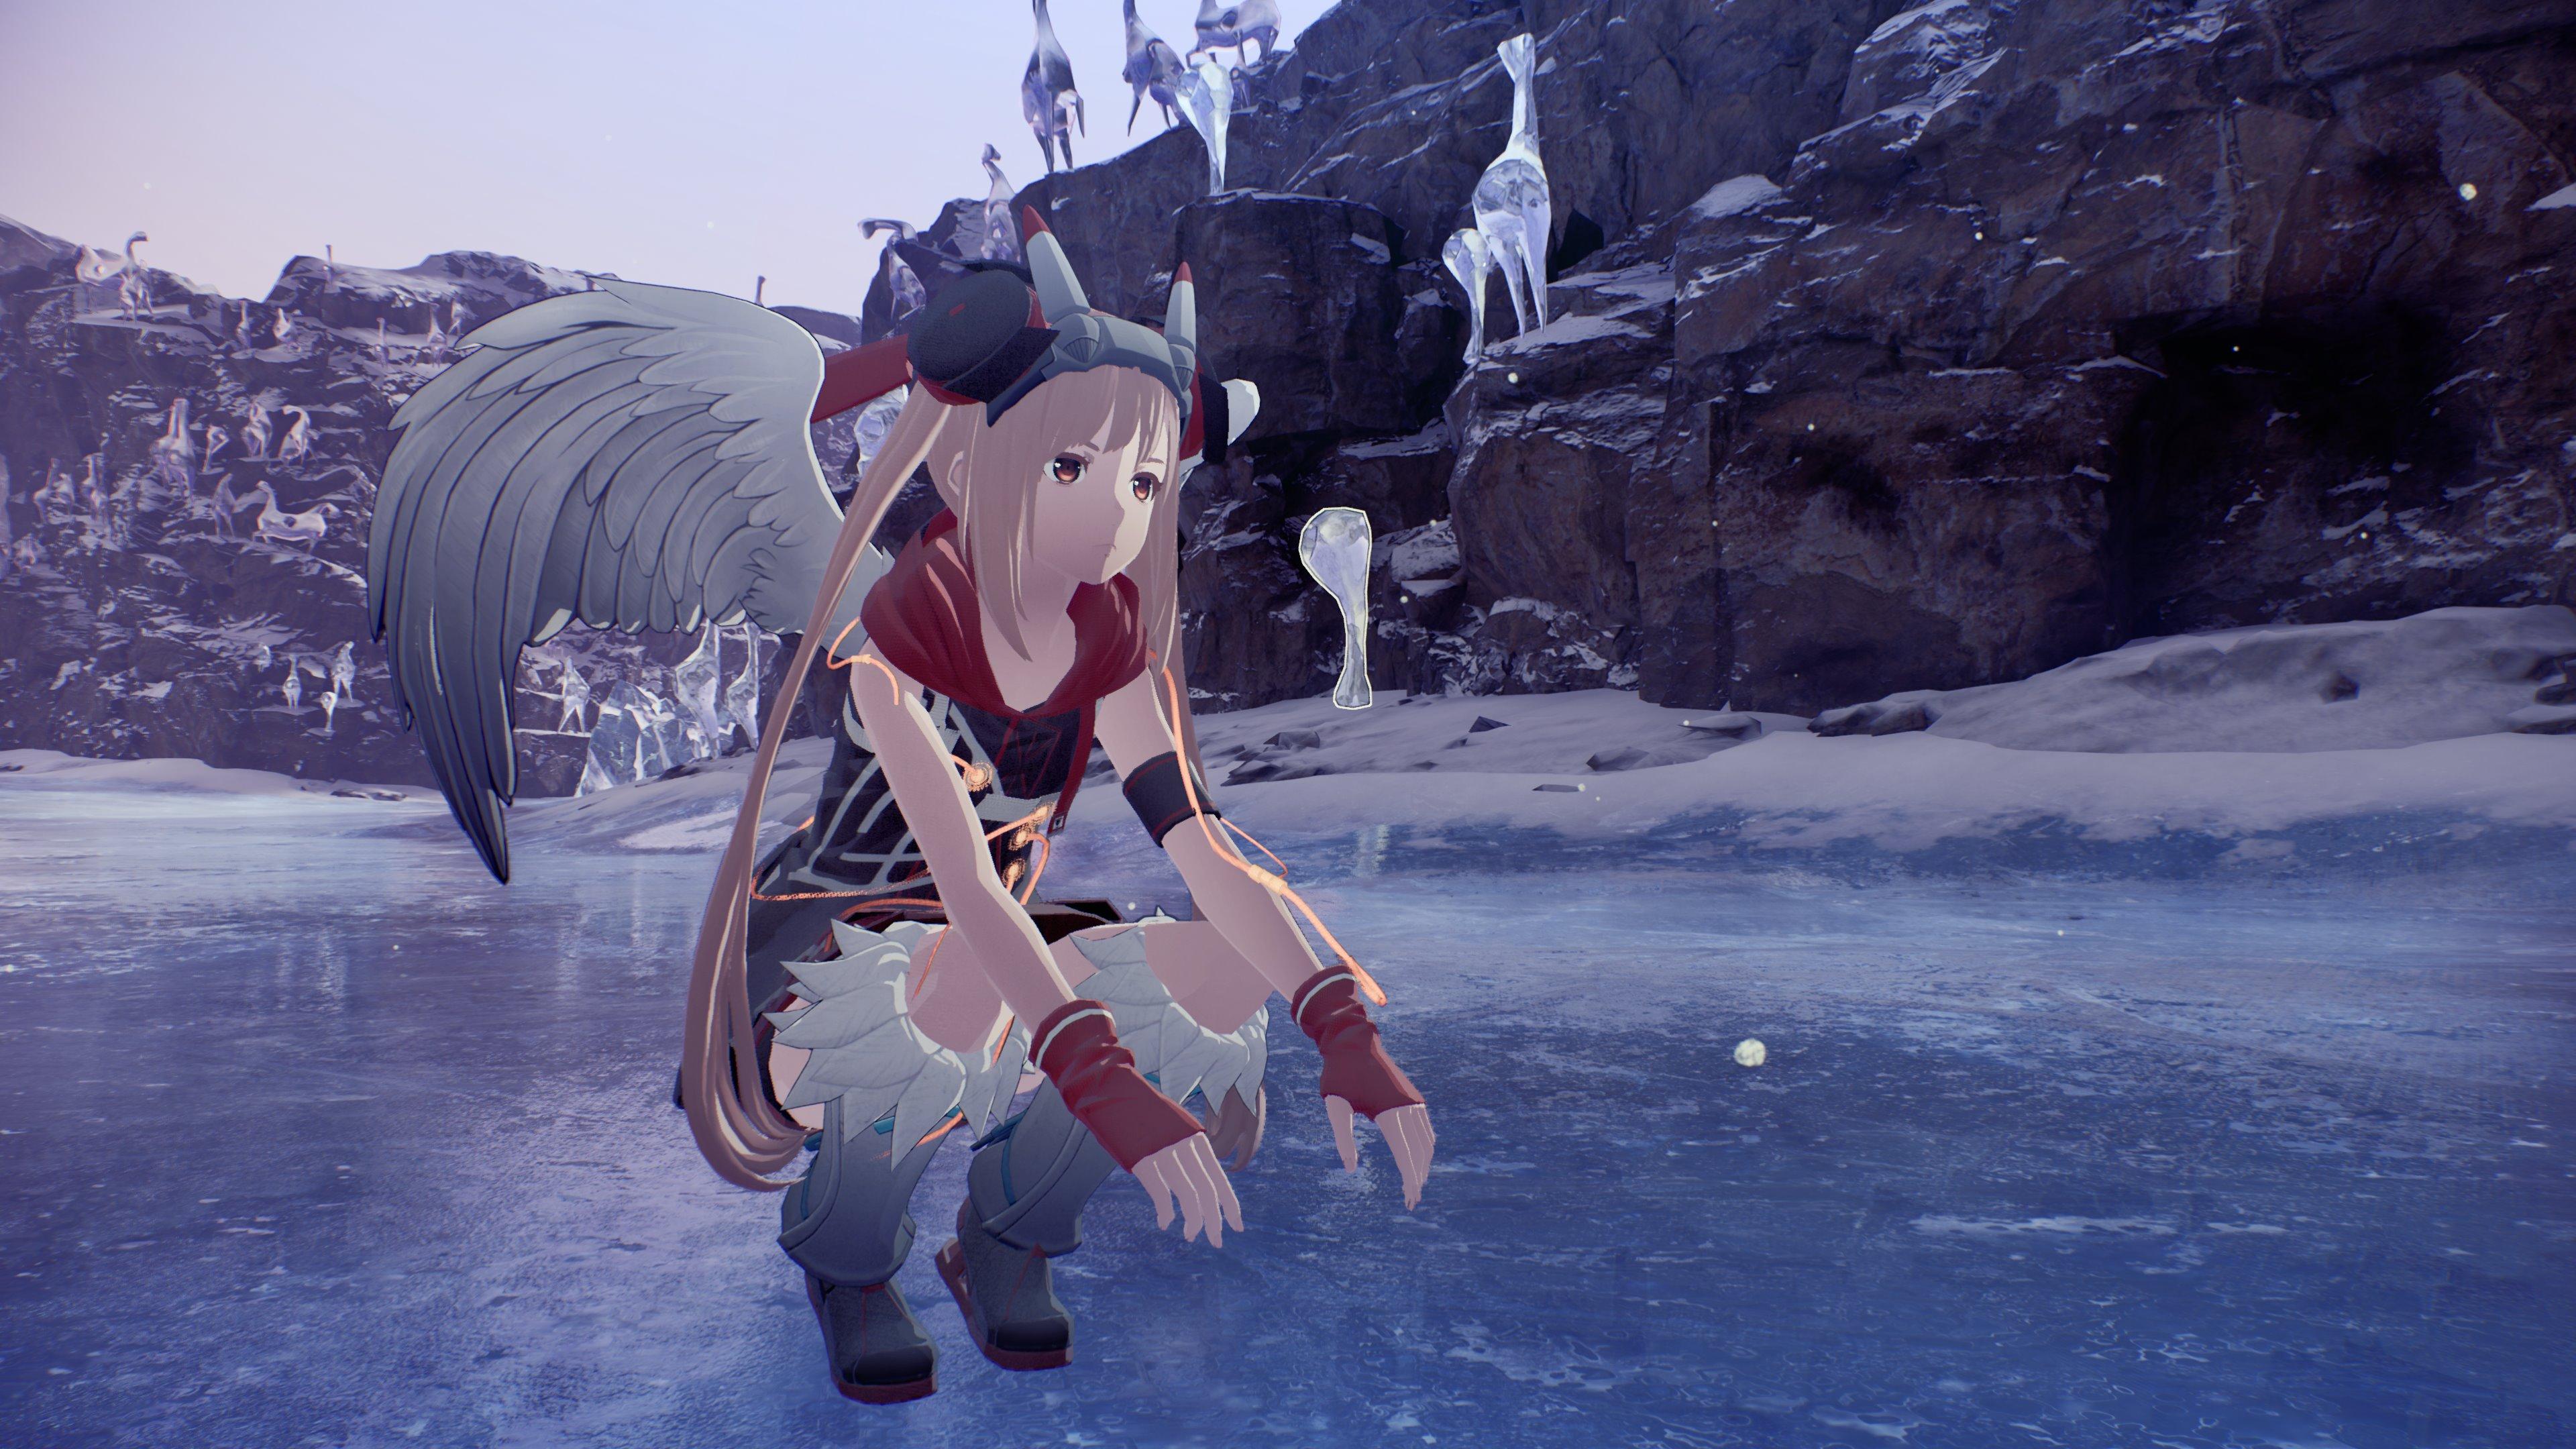 Демонстрация пирокинеза в новом геймплее Scarlet Nexus